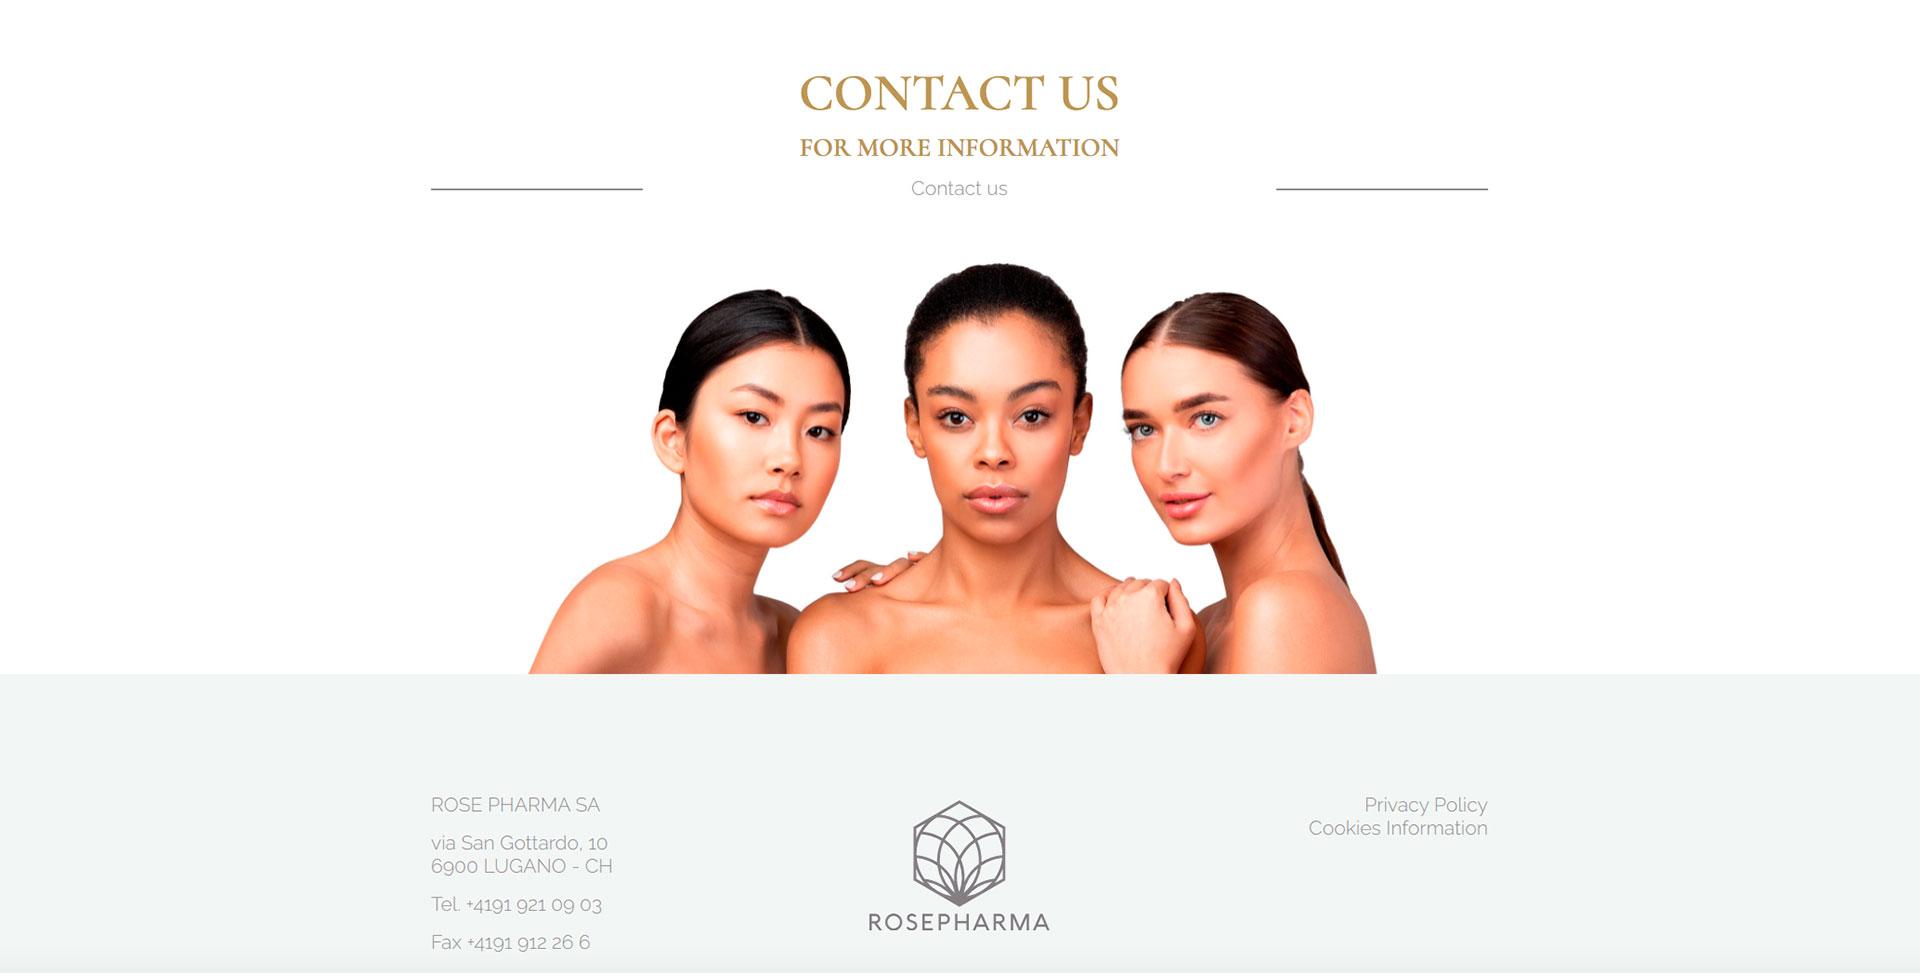 realizzazione-siti-inglese-k89-design-padova-ft